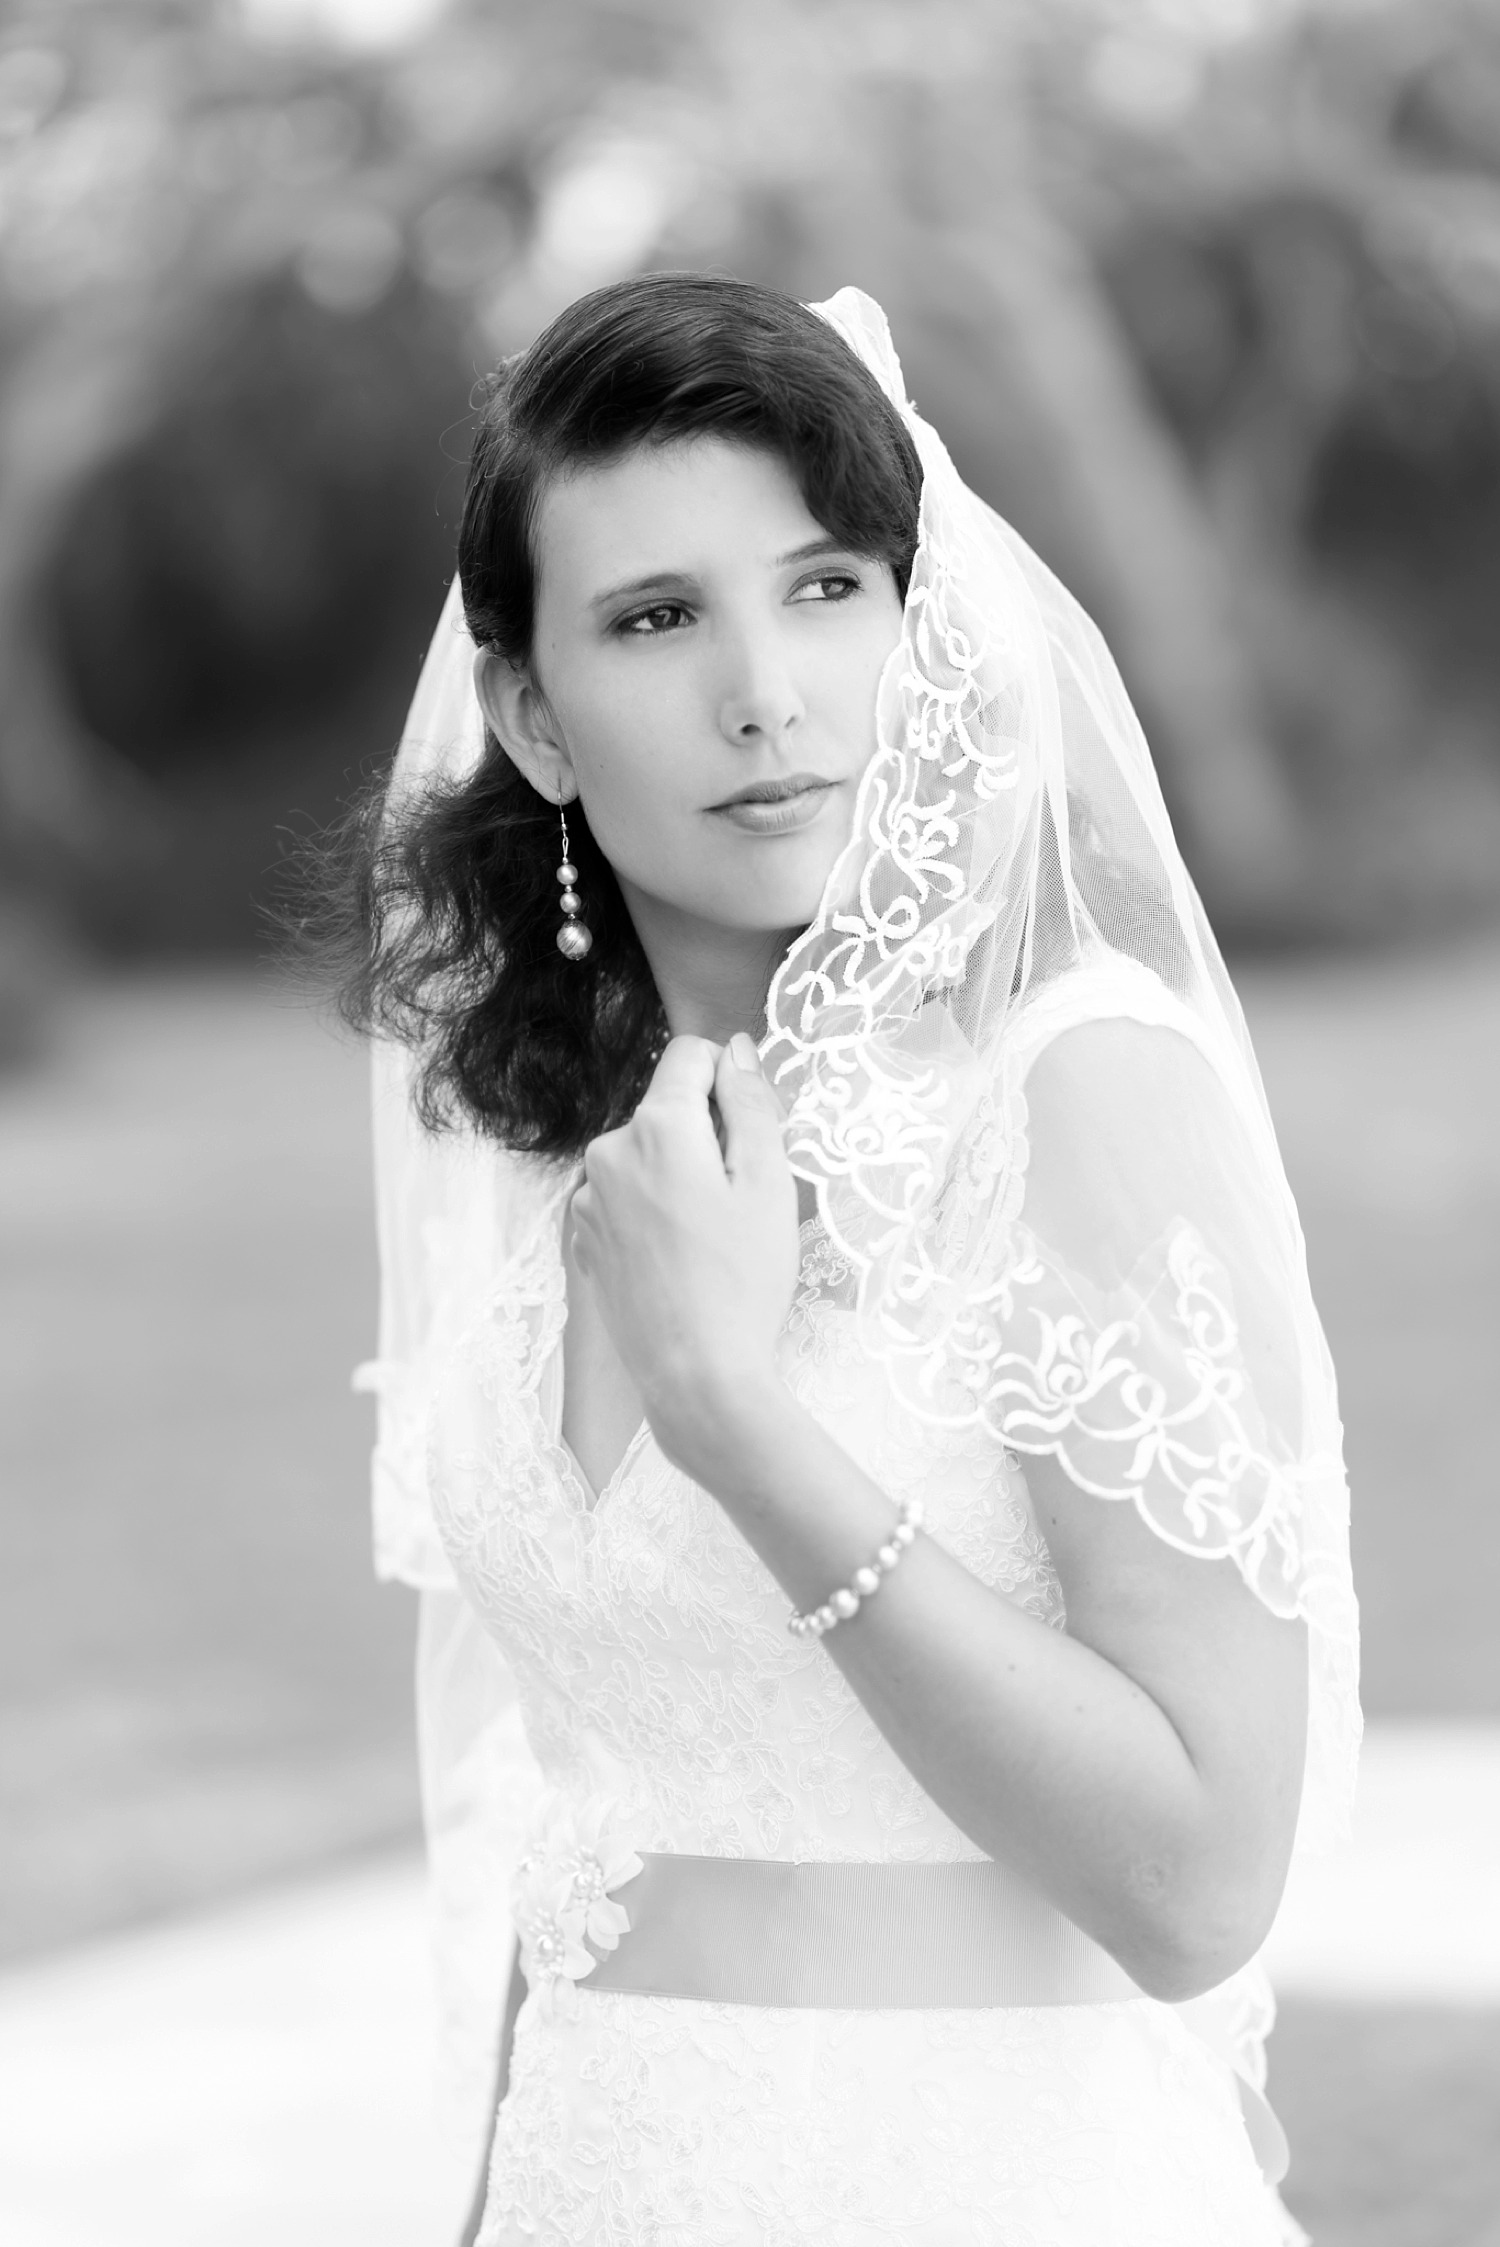 st augustine bridal portrait